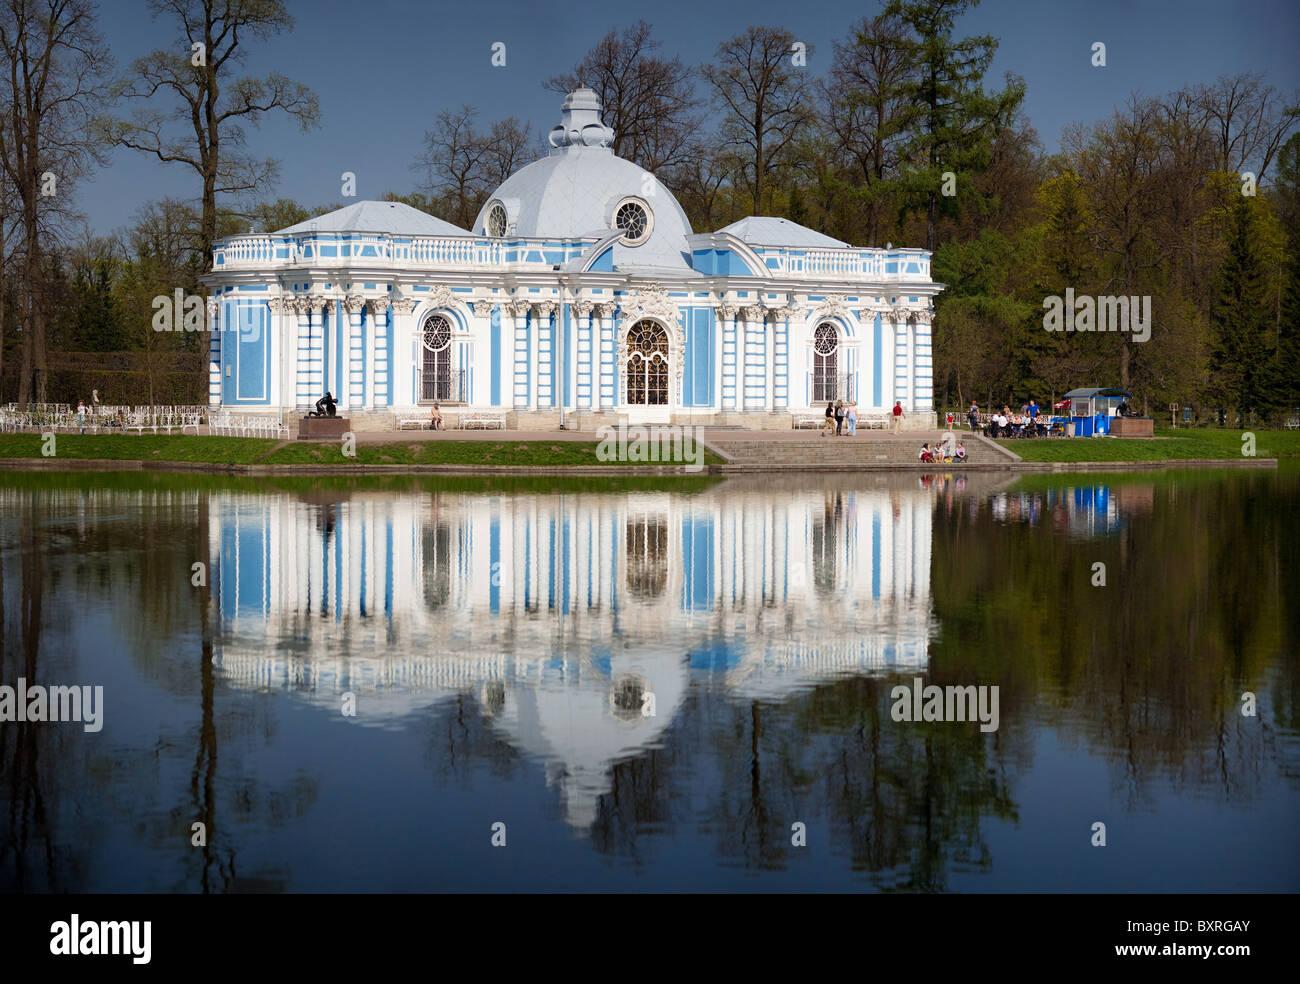 The Grotto pavilion, Pushkin, Tsarskoe selo (Tsar's Village), Saint-Petersburg, Russia - Stock Image